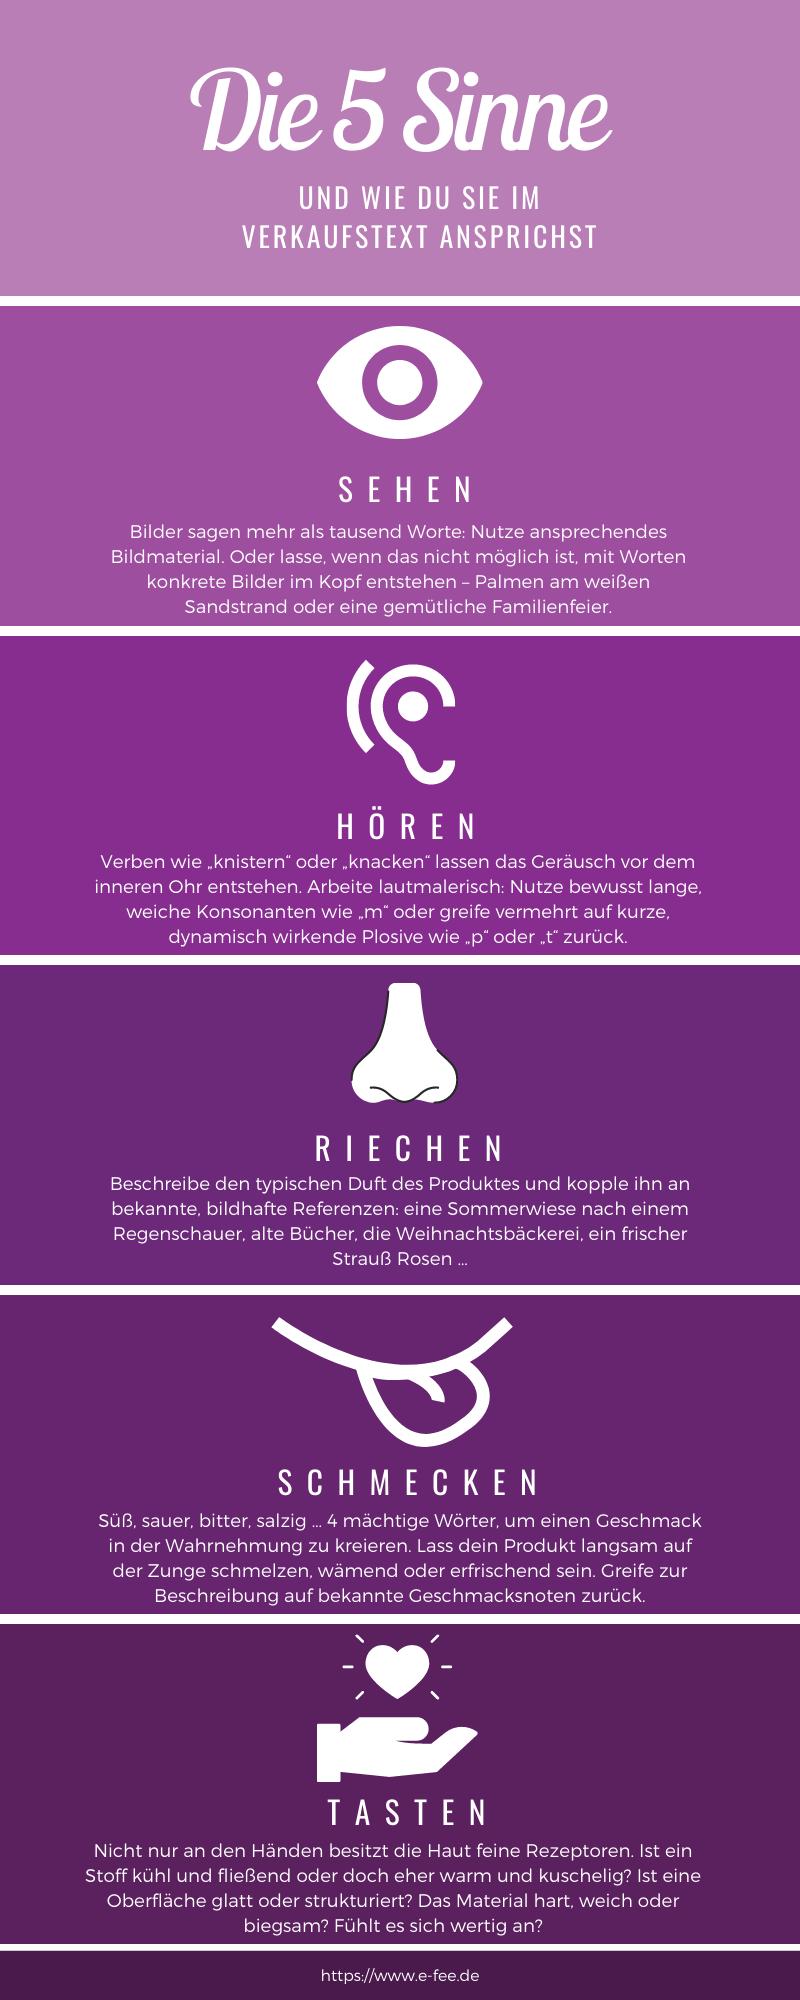 Die 5 Sinne und ihr Einsatz beim Verkaufstext